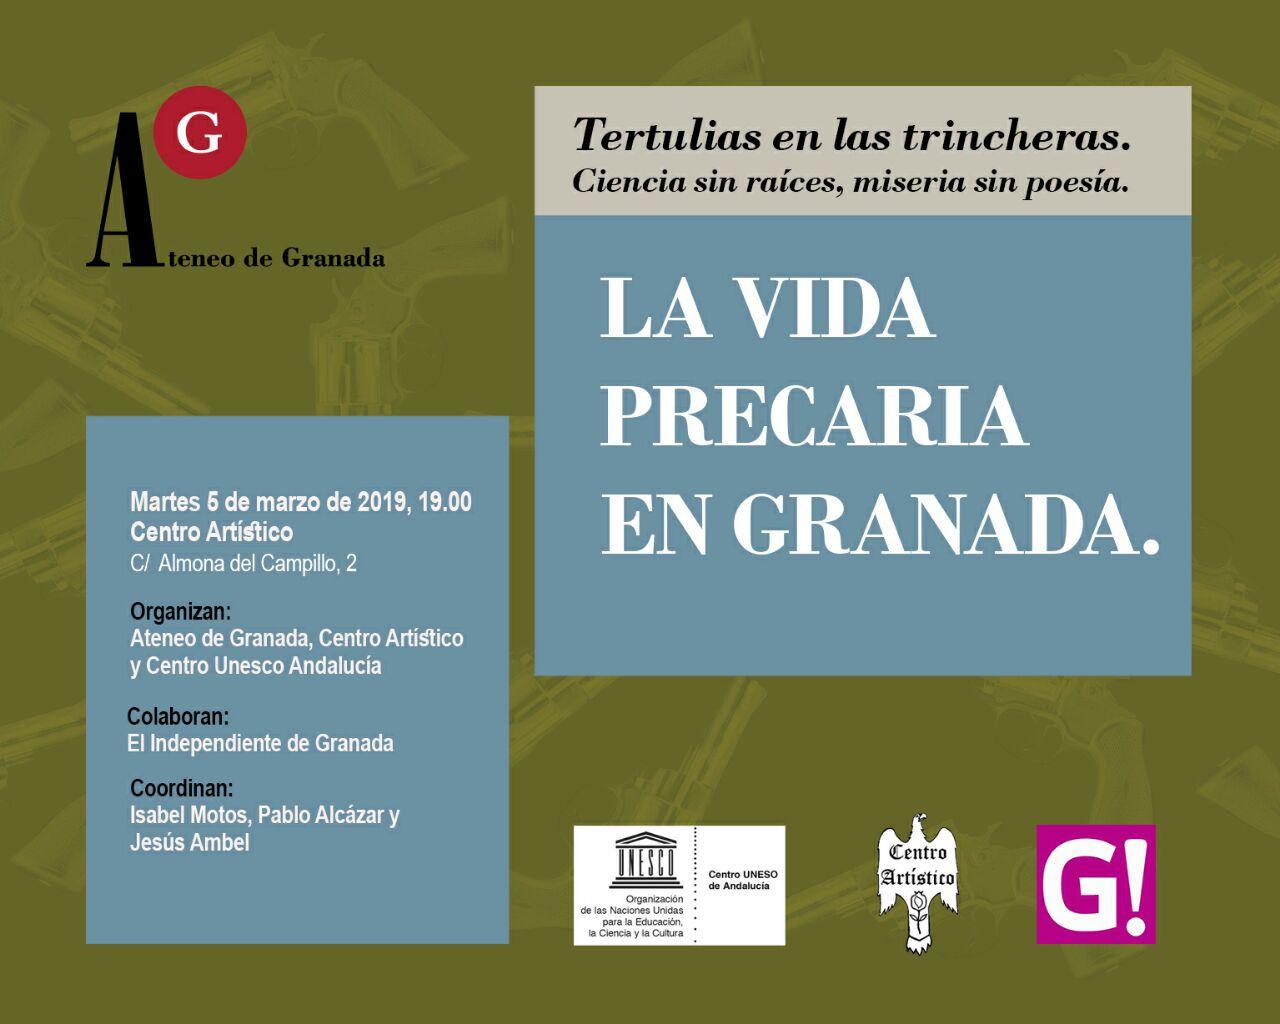 Tertulias Ateneo. La vida precaria en Granada